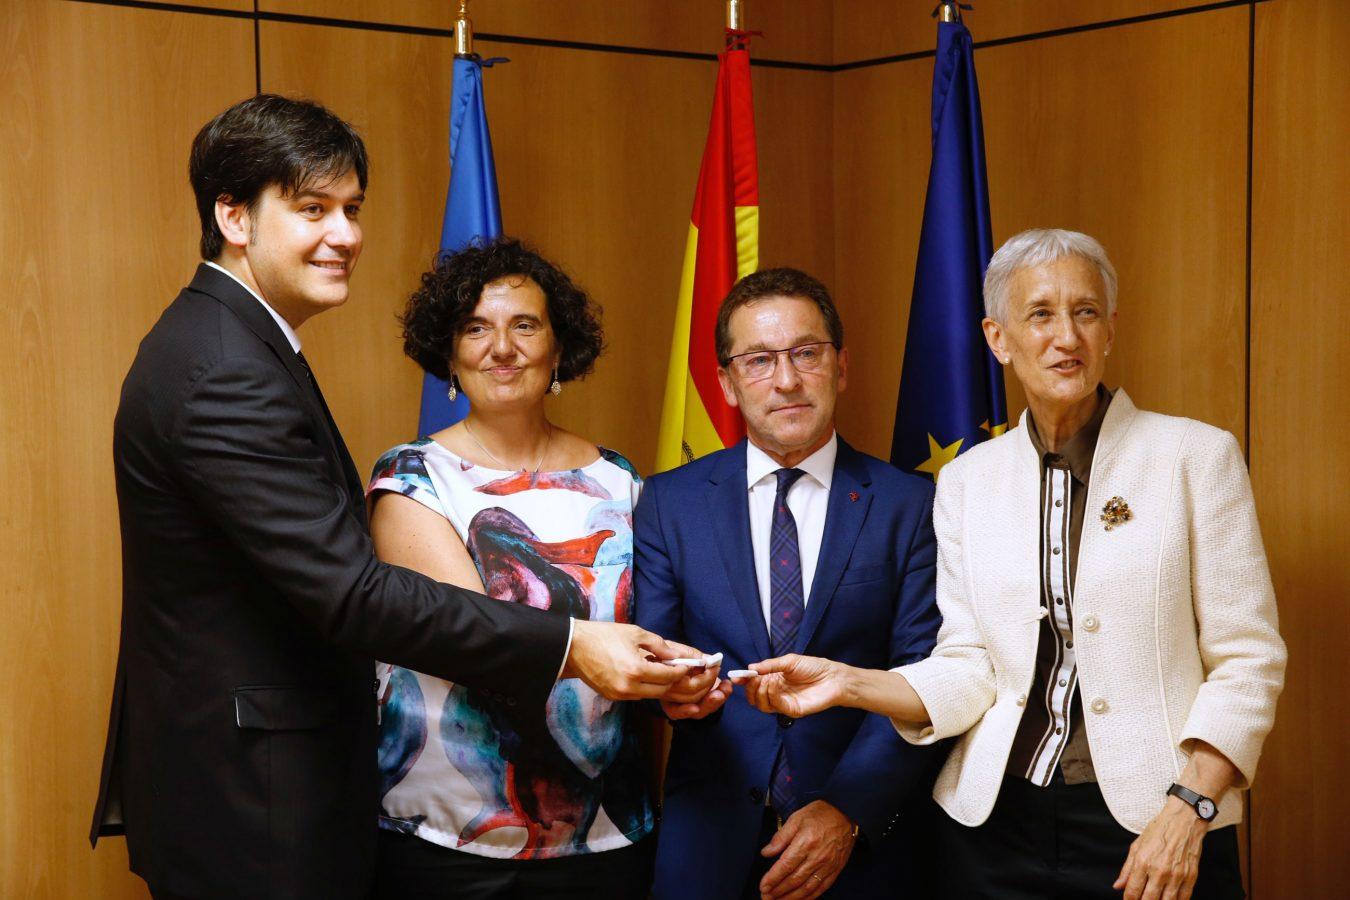 Hoy han tomado posesión de sus cargos los nuevos miembros del Gobierno Asturiano